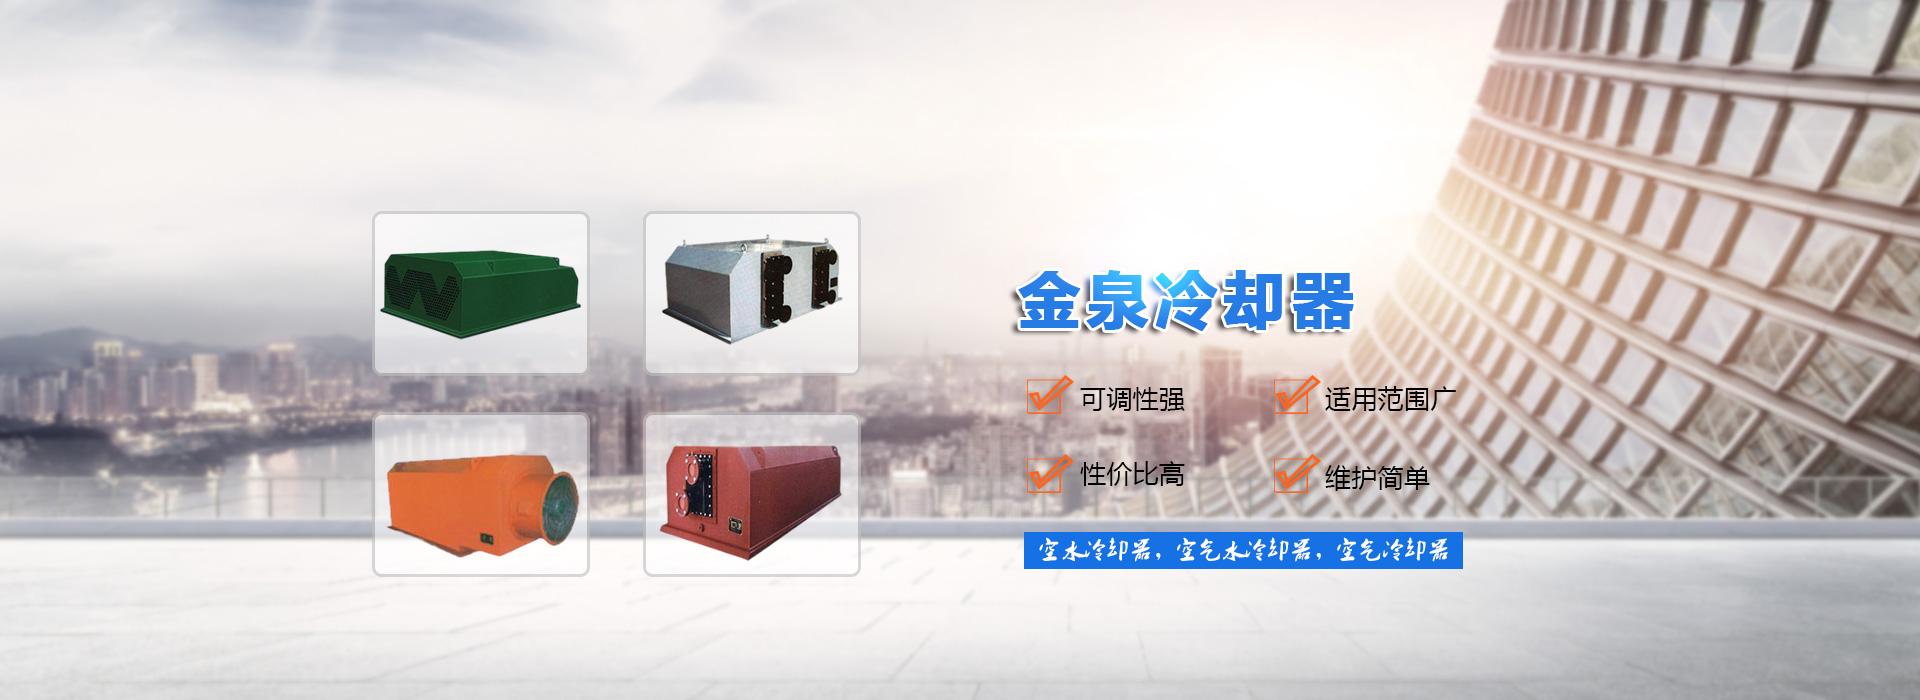 空水冷却器,空气水冷却器,空气冷却器